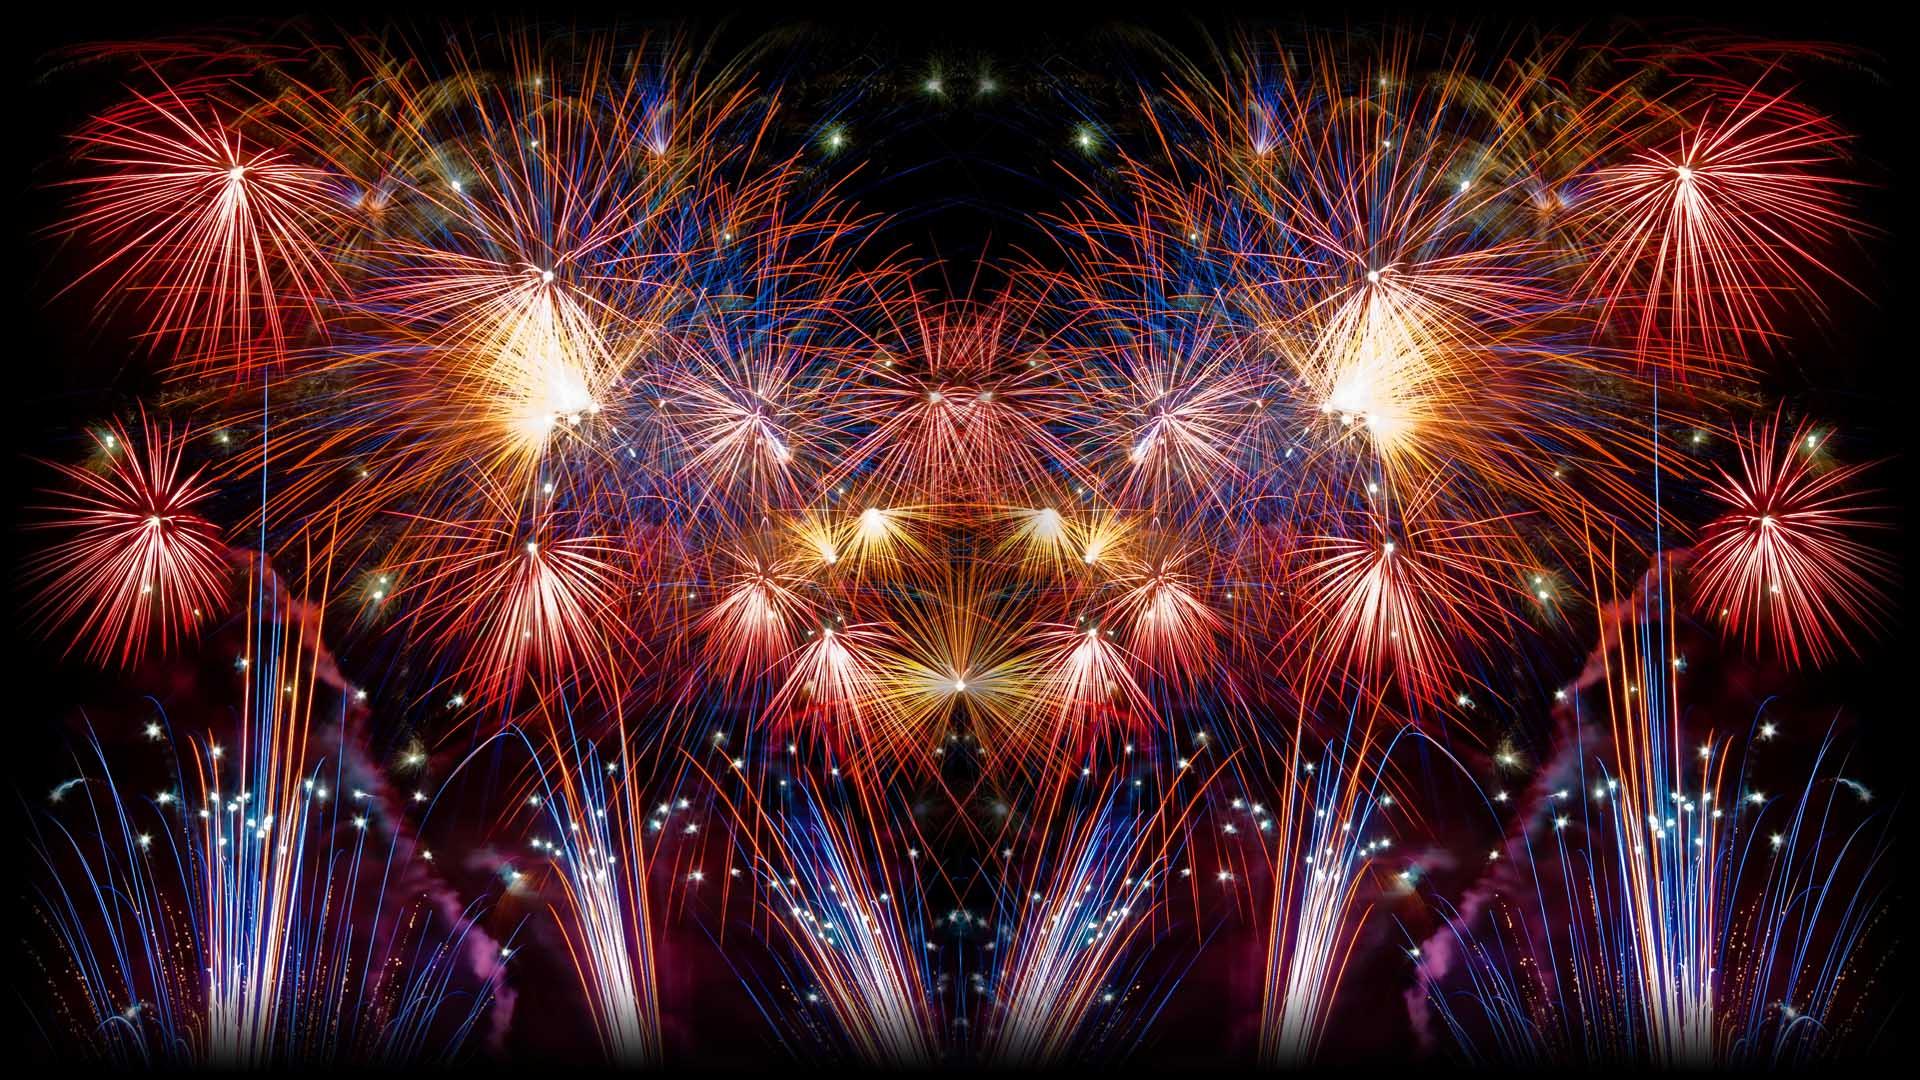 ¡Bienvenido 2019! El mundo celebra la llegada del Año Nuevo